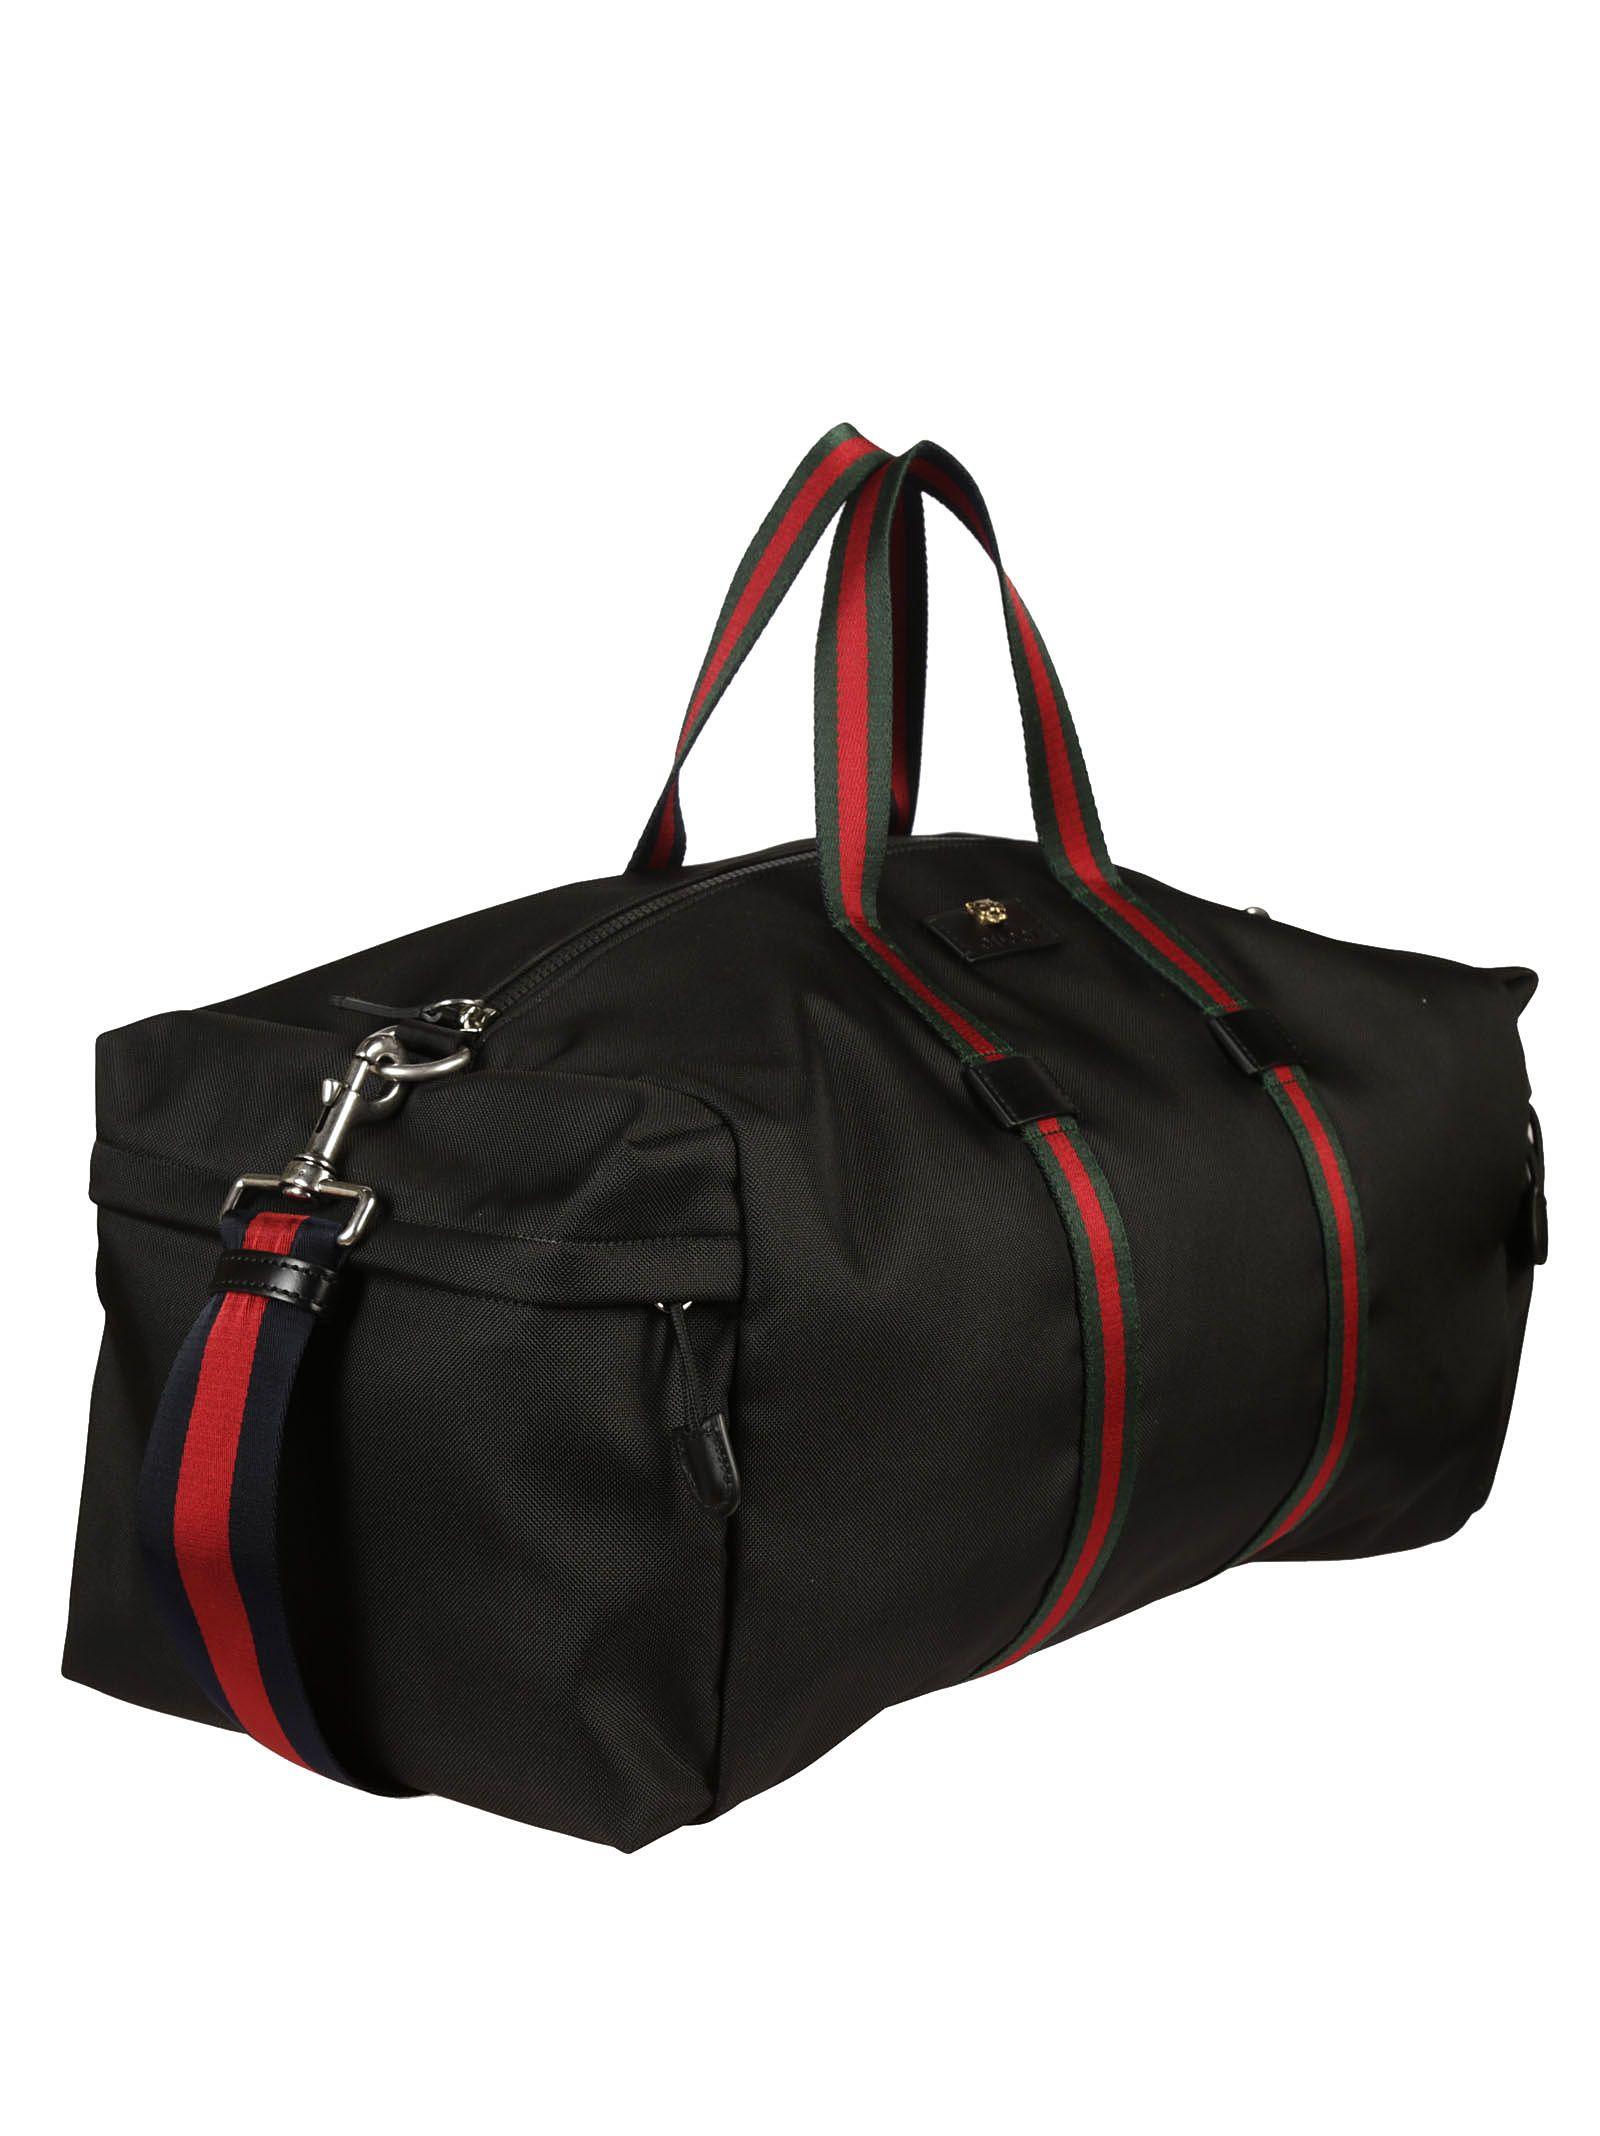 fd7aec15d9a7 Gucci Gucci Technical Canvas Duffle Bag - Black - 6622309